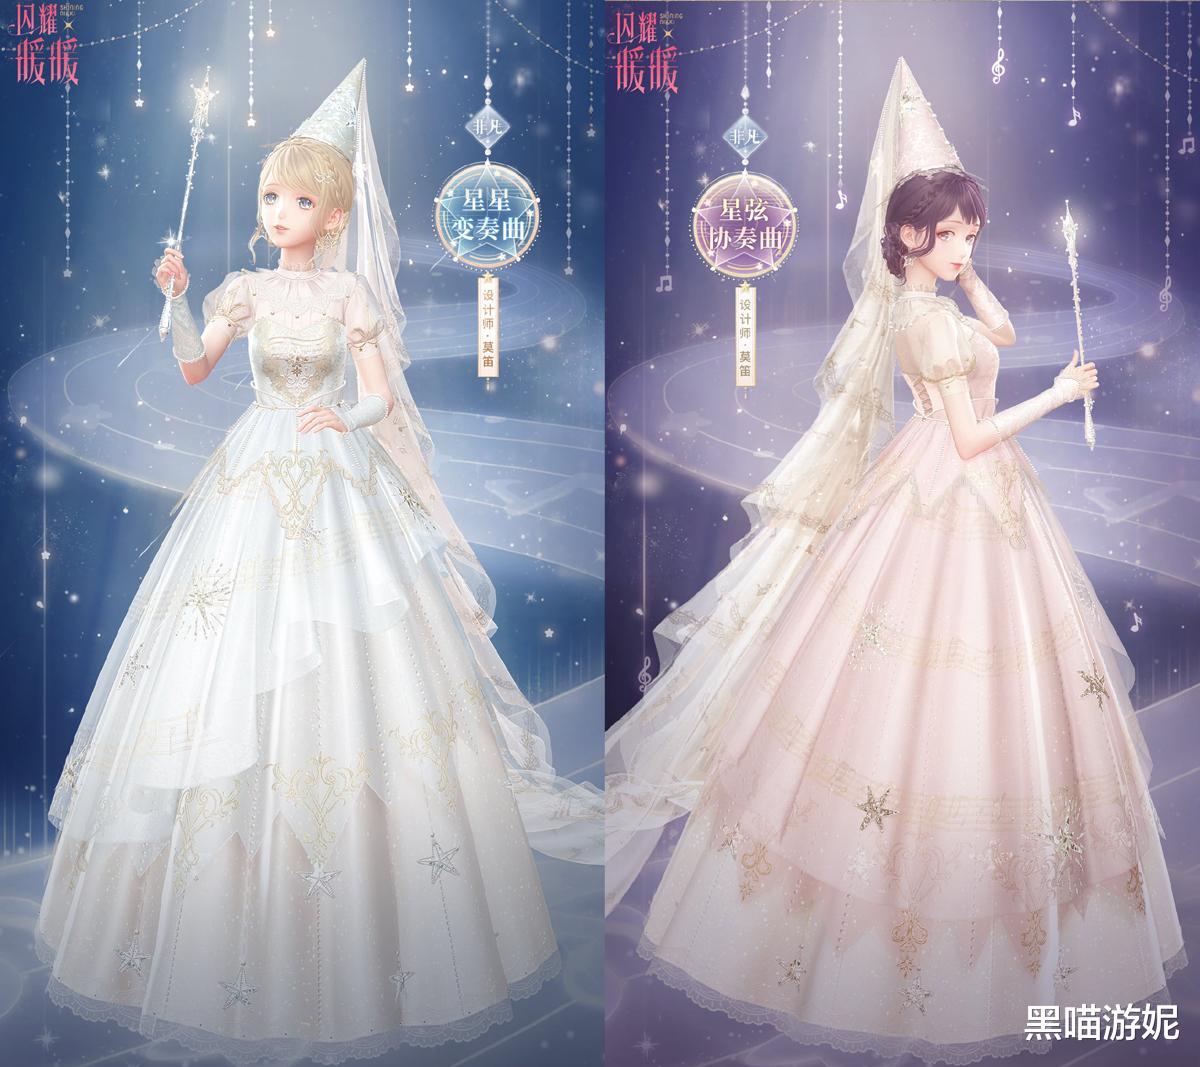 《【煜星平台注册网址】闪耀暖暖新非凡套装星星变奏曲 暖暖变身迪士尼公主中的小仙女》